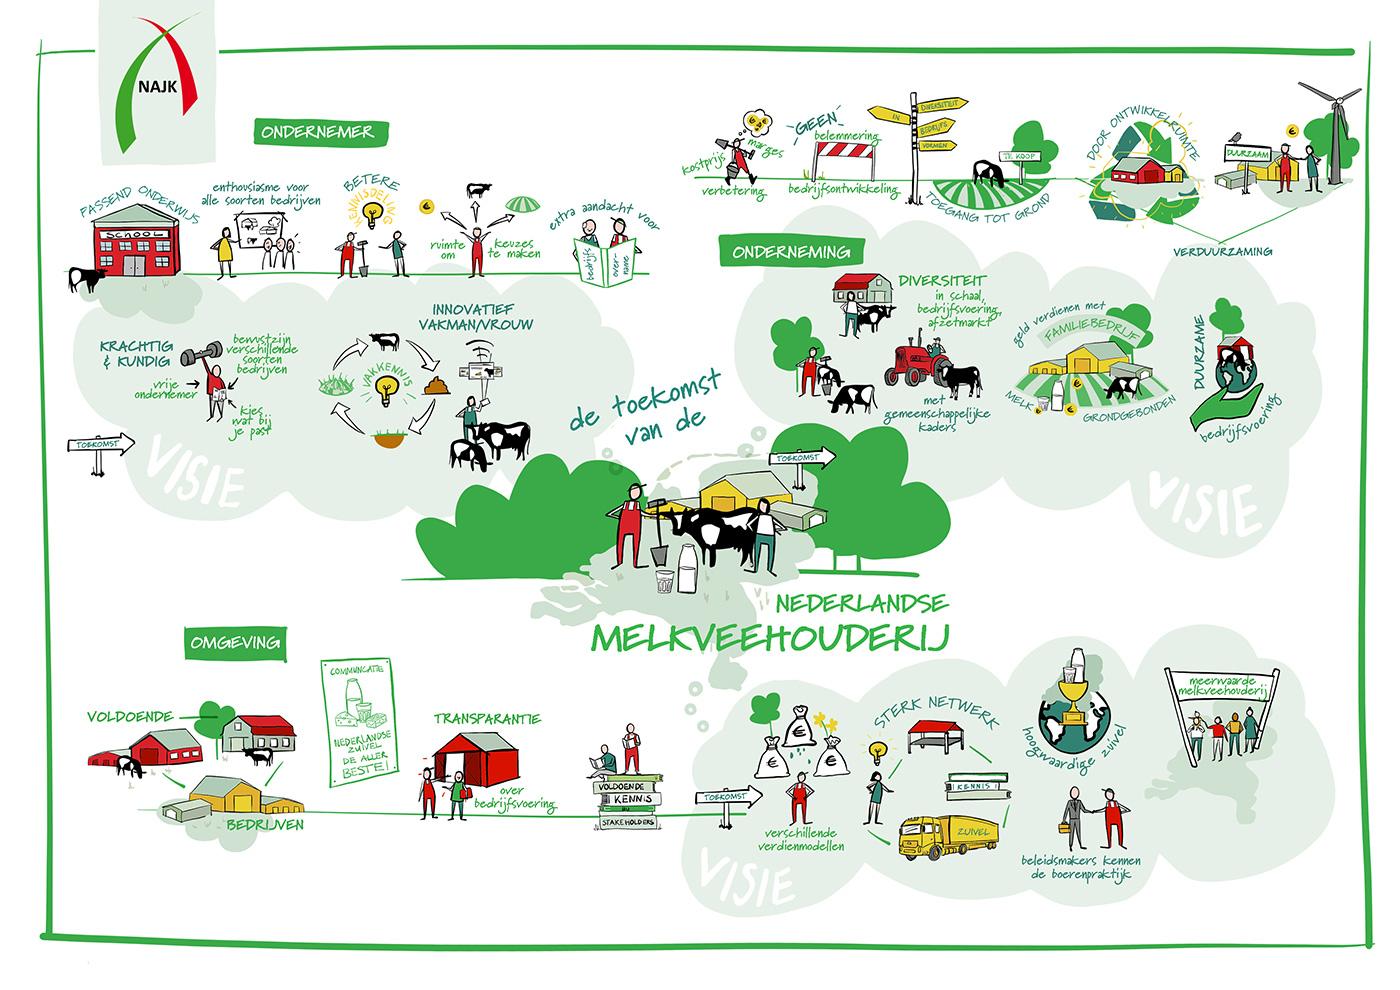 melkveehouderij-praatplaat_1400